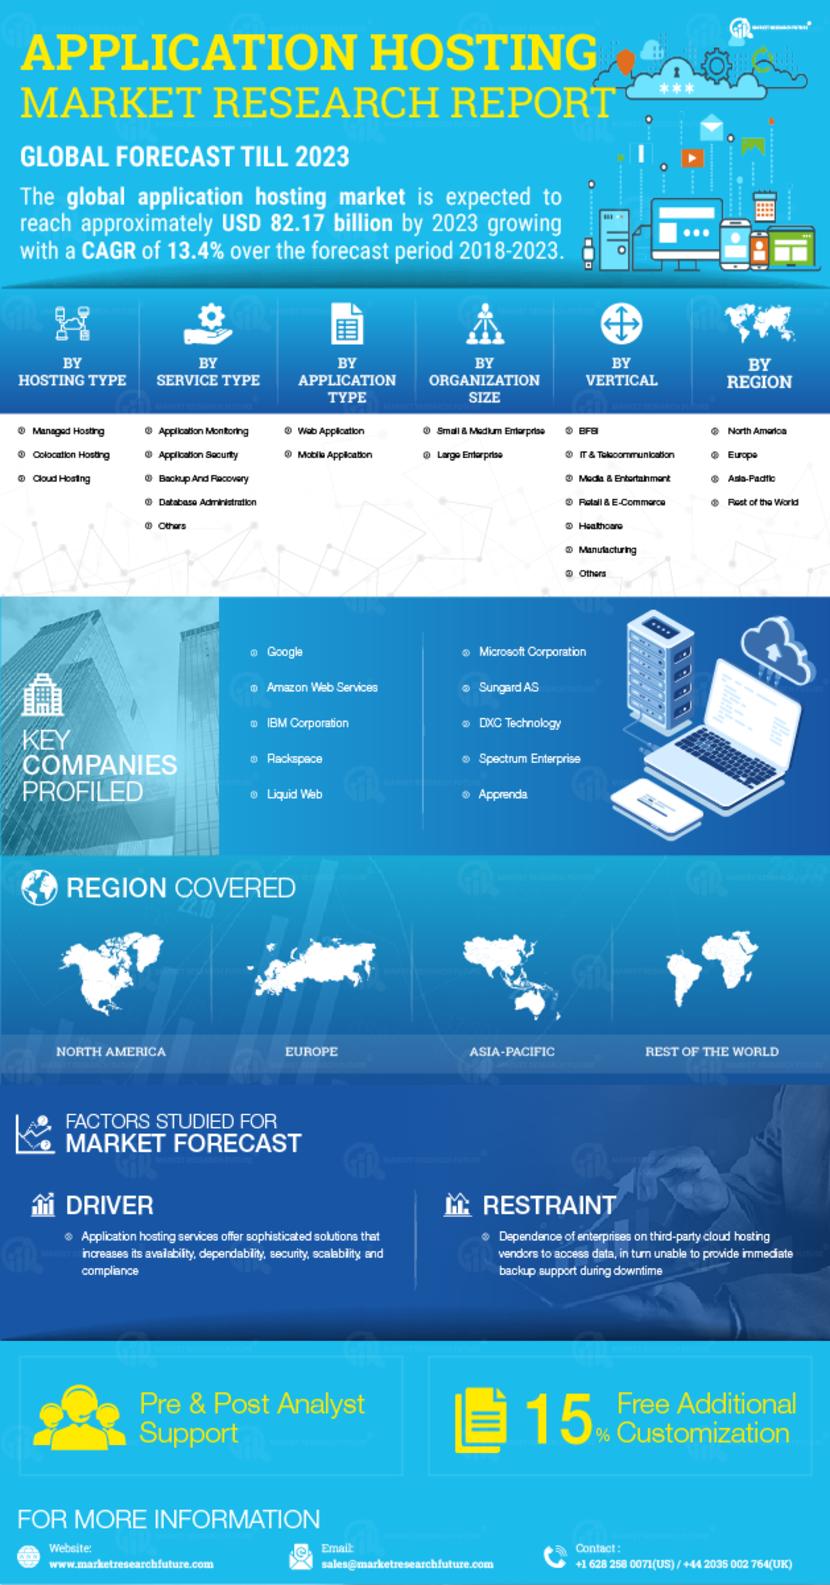 Application Hosting Market